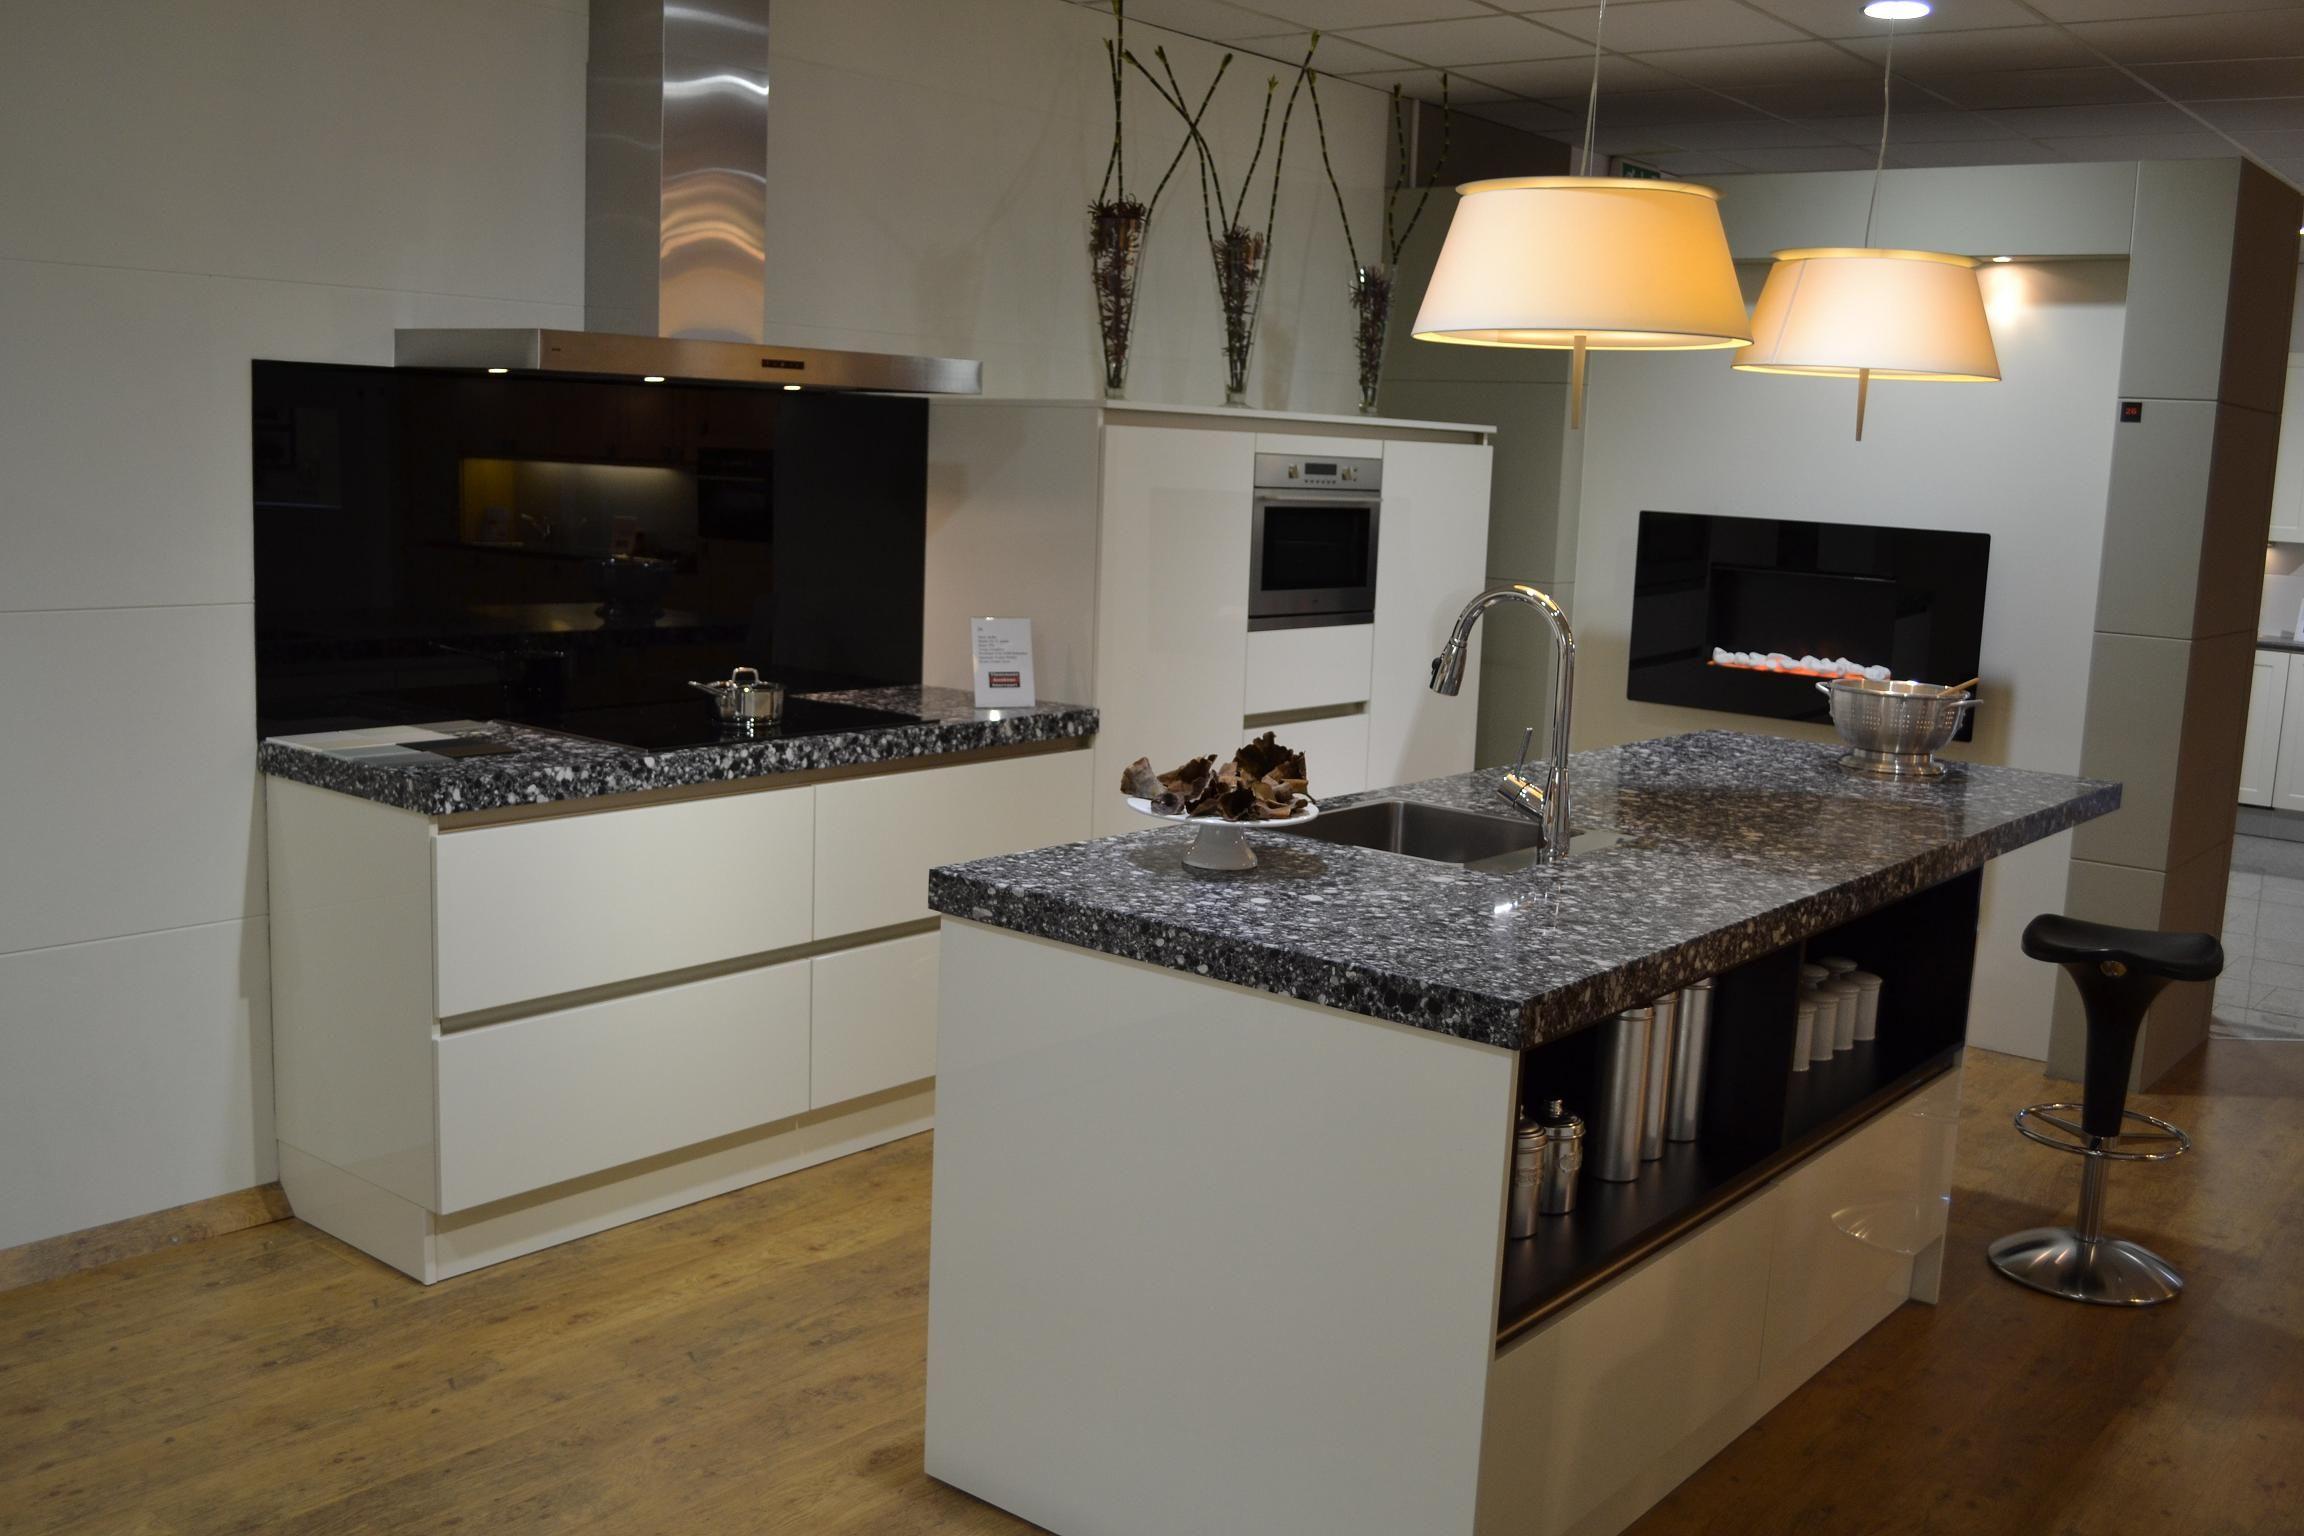 Afmetingen Keuken Kookeiland : keller keuken wit hoogglans 42816 deze keuken is van het merk keller